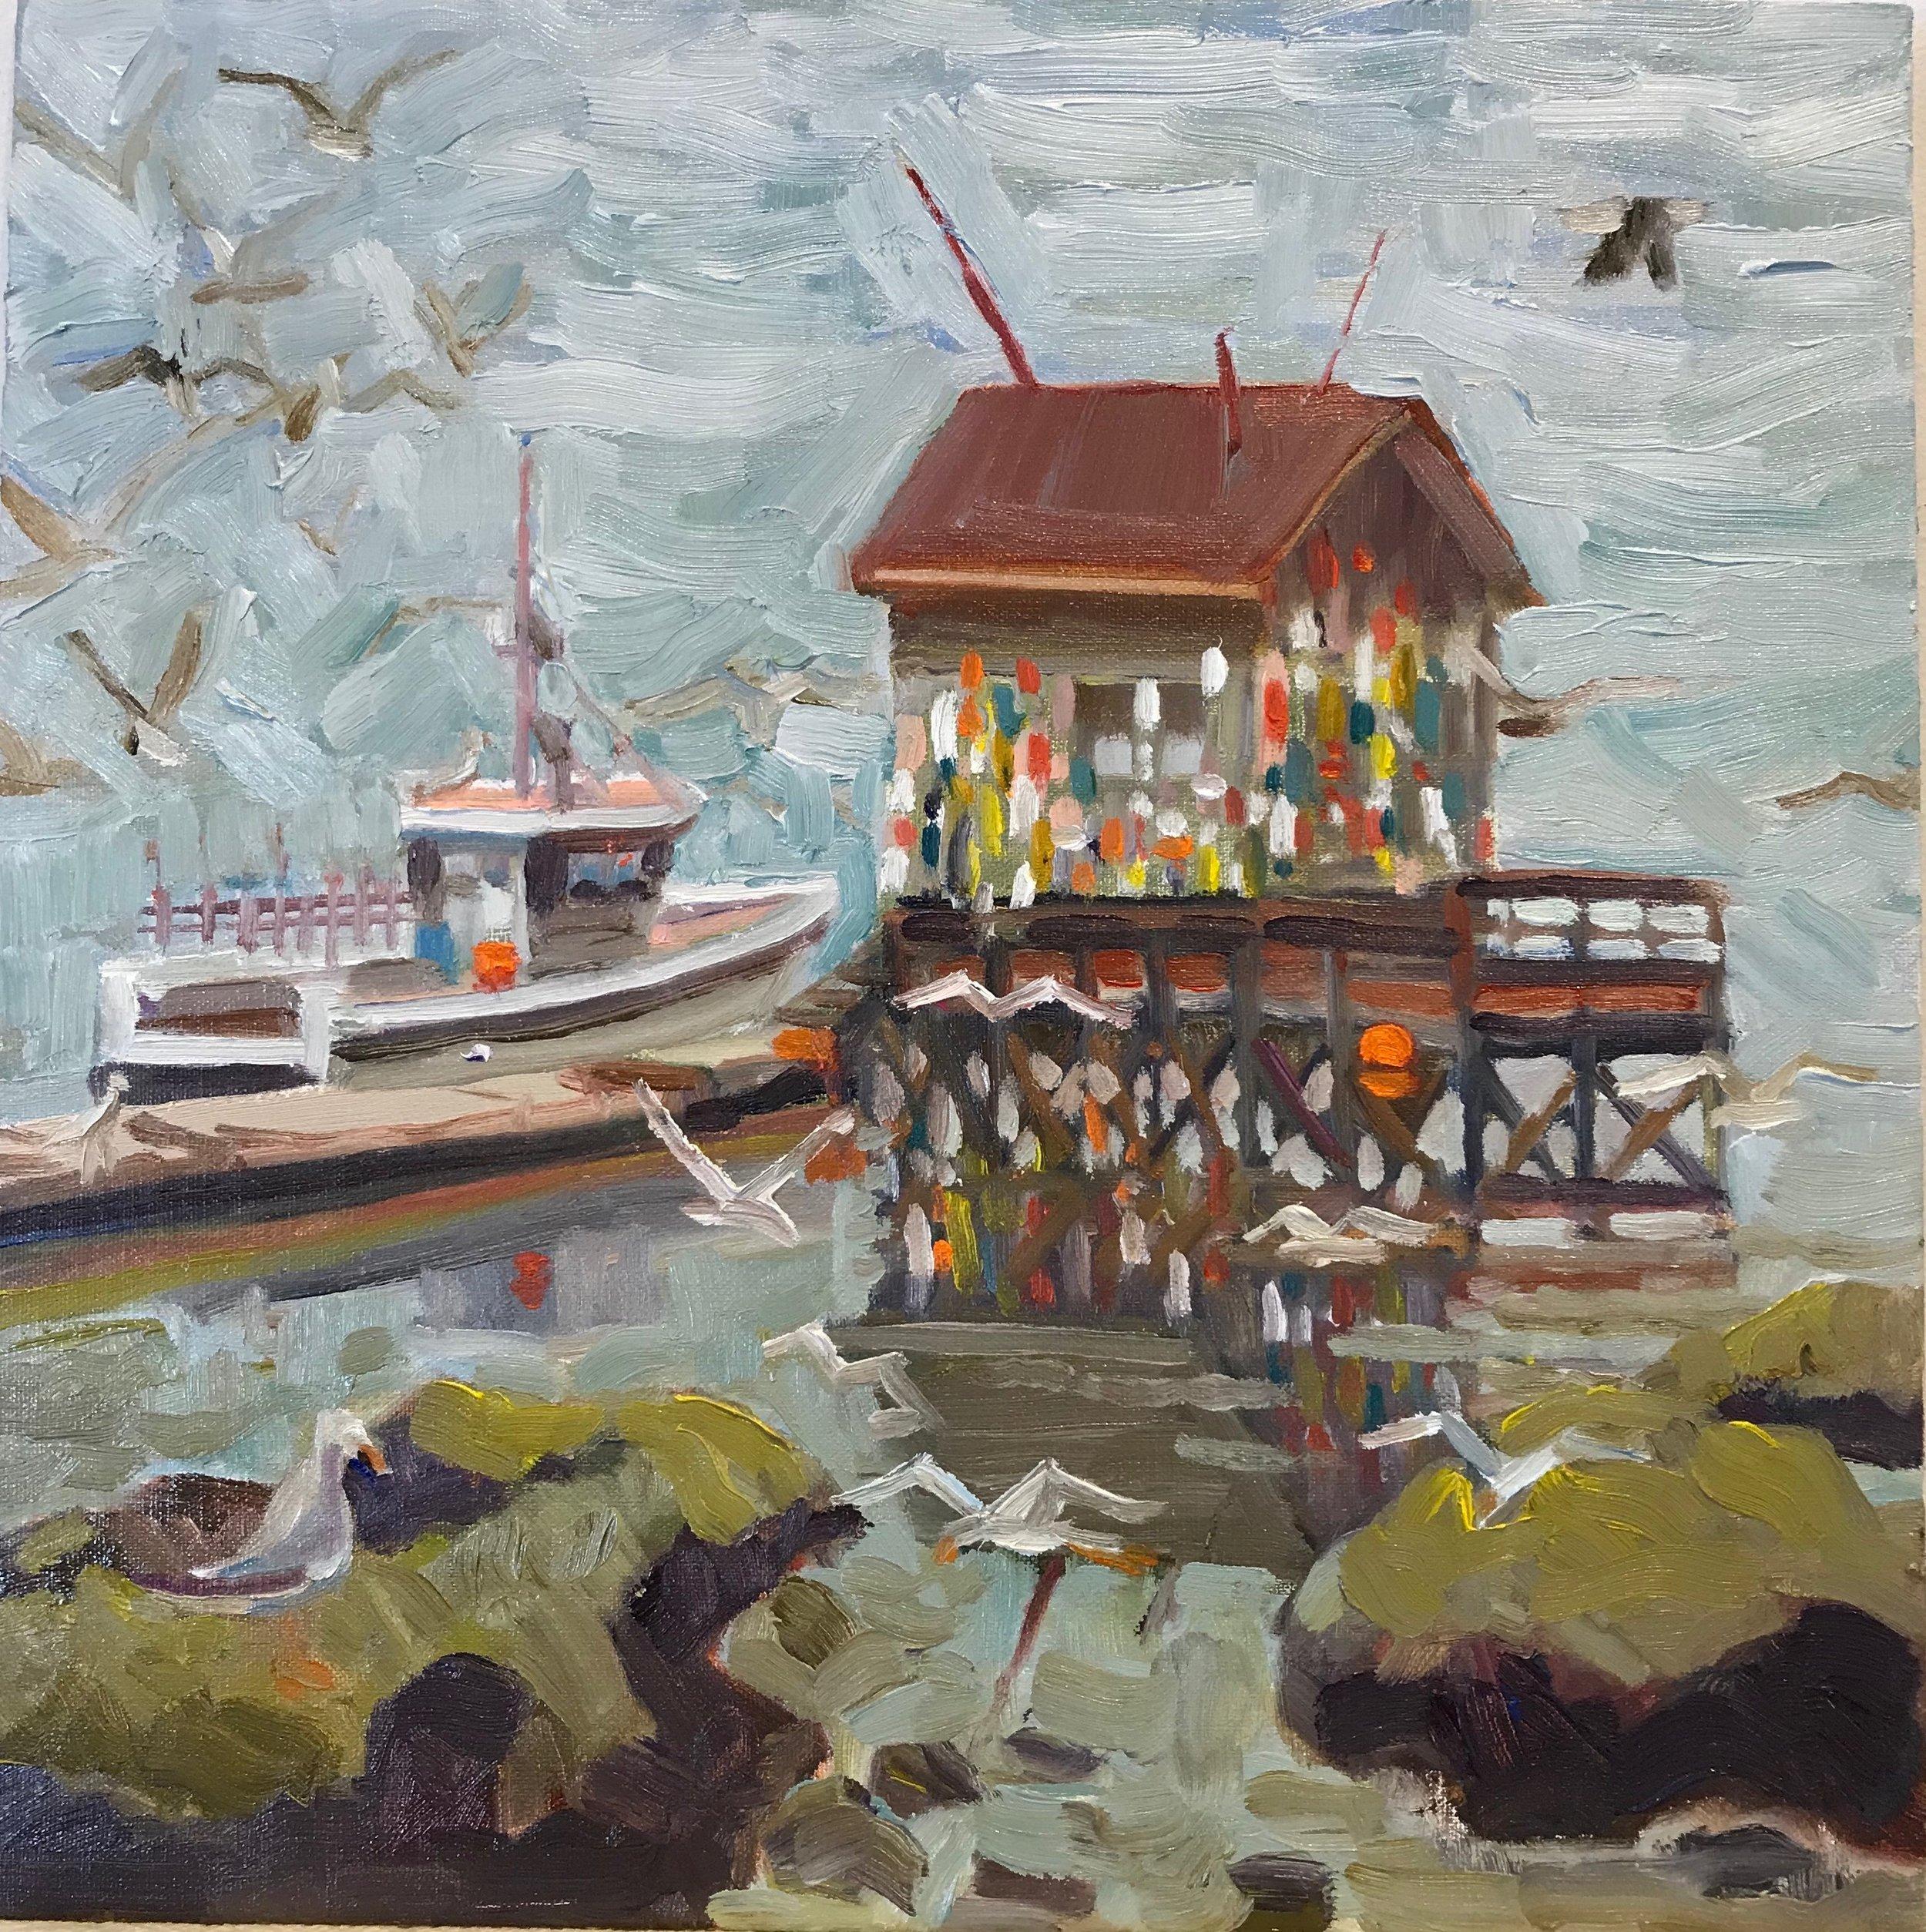 Gray with Buoys, oils, 12 x 12